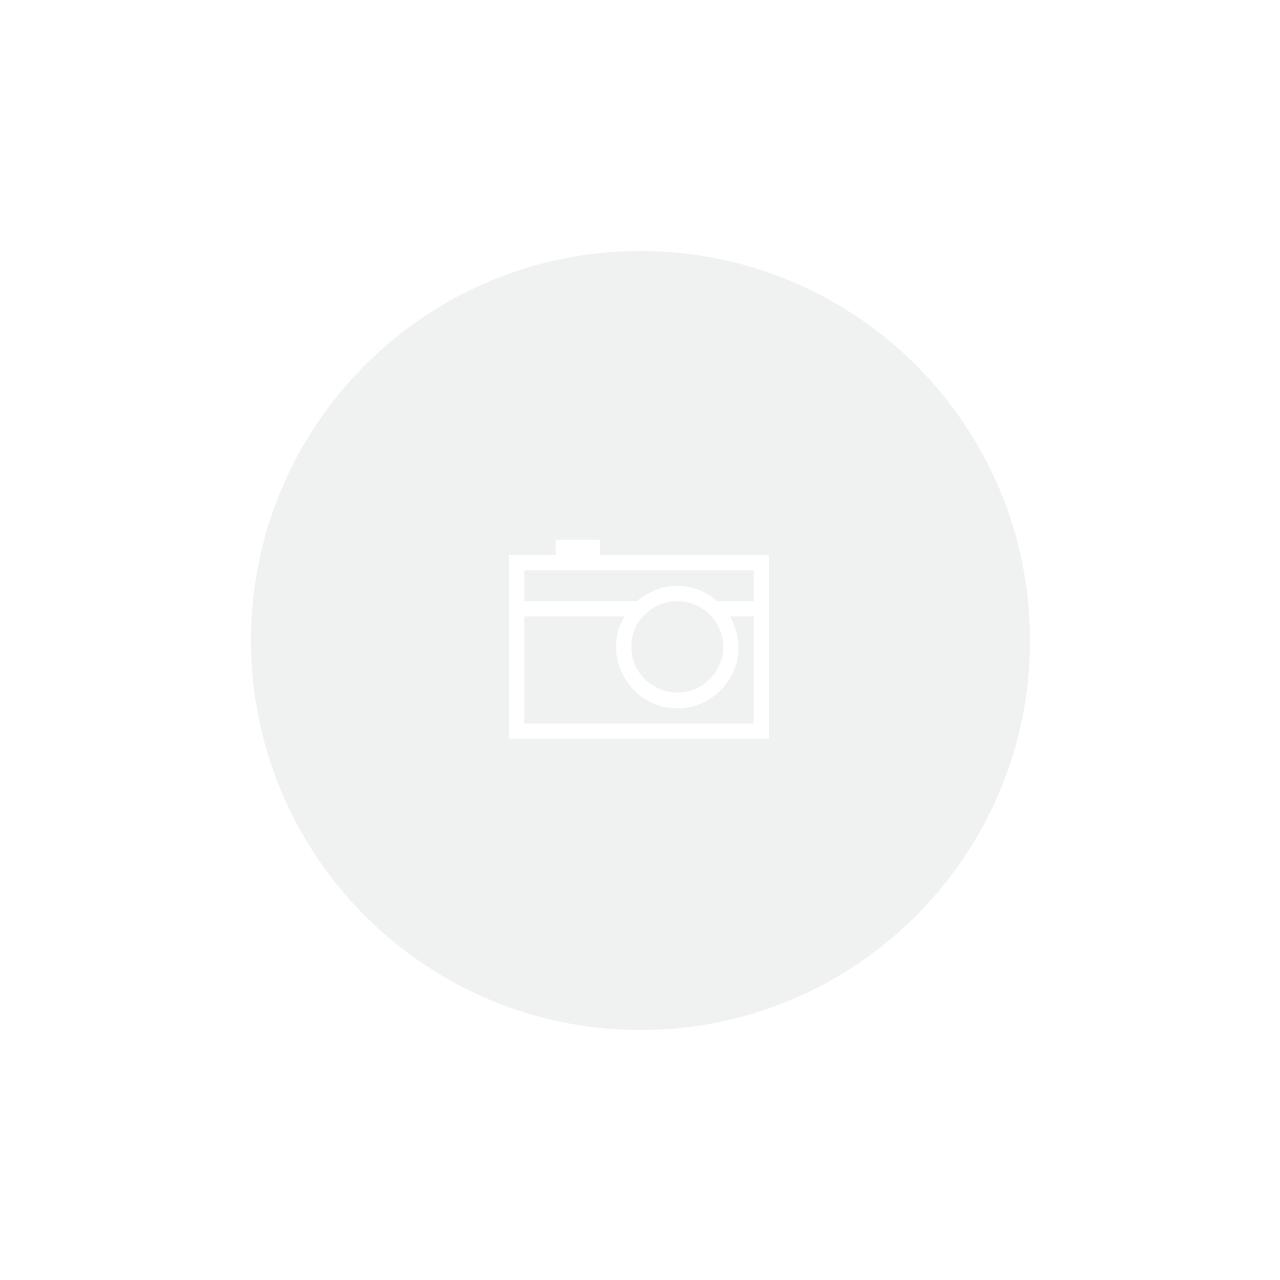 DESENGRAXANTE ALGOO MULTI-USO POWER SPORTS (5 LITROS)